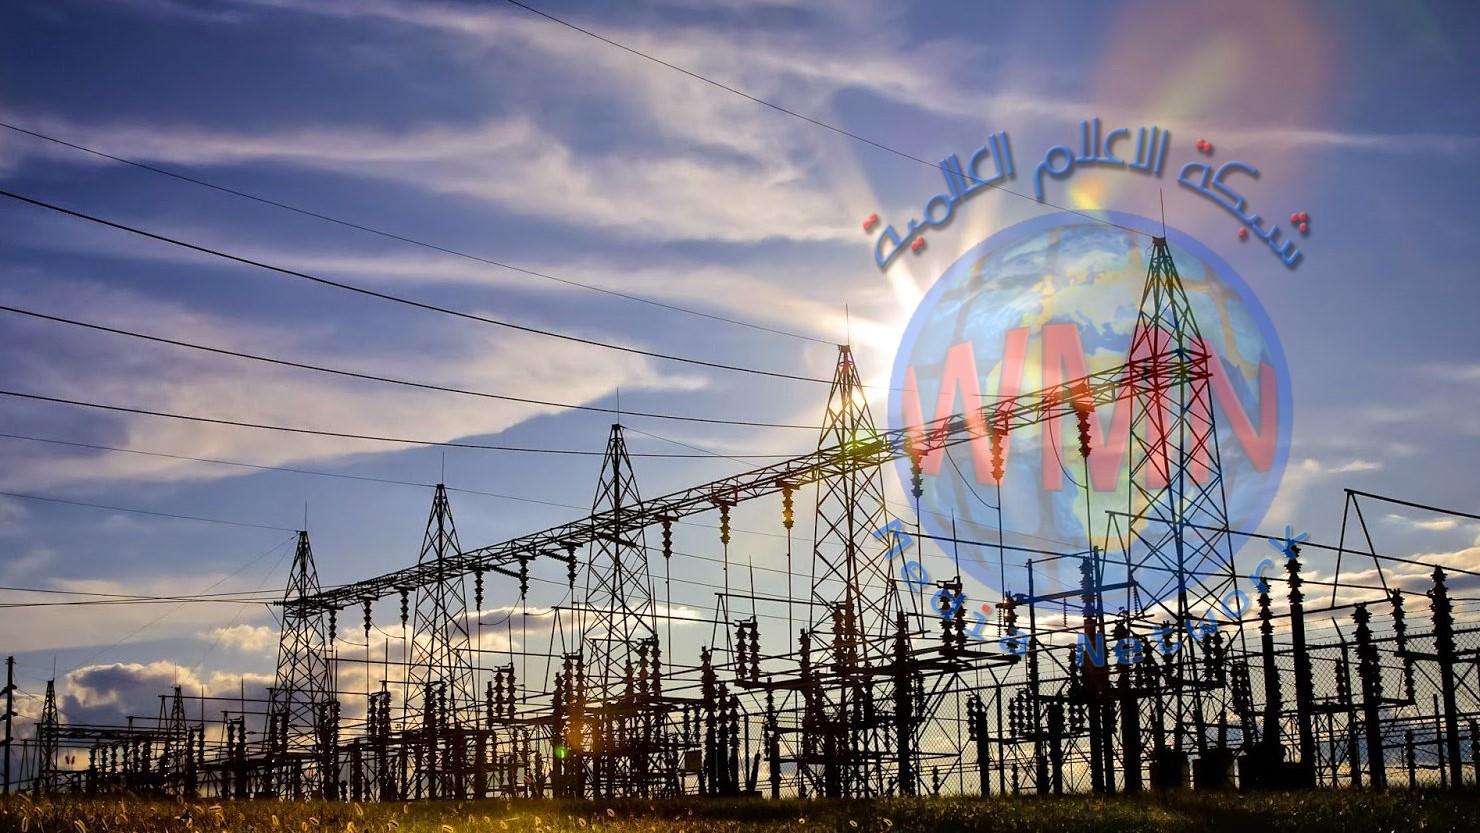 اللجنة النيابية للتحقيق بملف الكهرباء تبدأ أعمالها اليوم